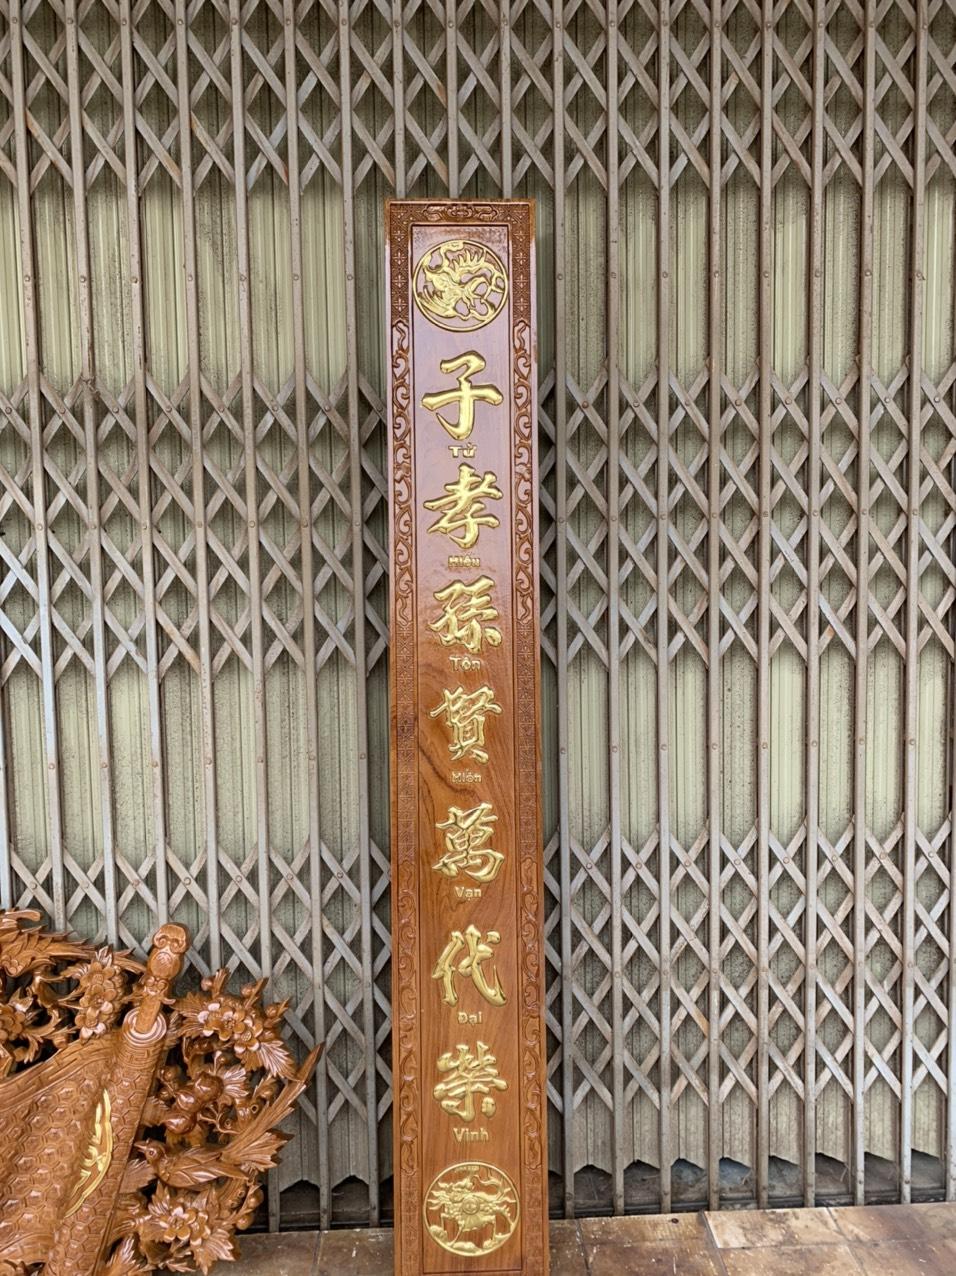 cau doi go go - Bộ Cuốn Thư Câu Đối Gỗ Gõ Đỏ Dày 4cm (Dát Vàng Đài Loan)